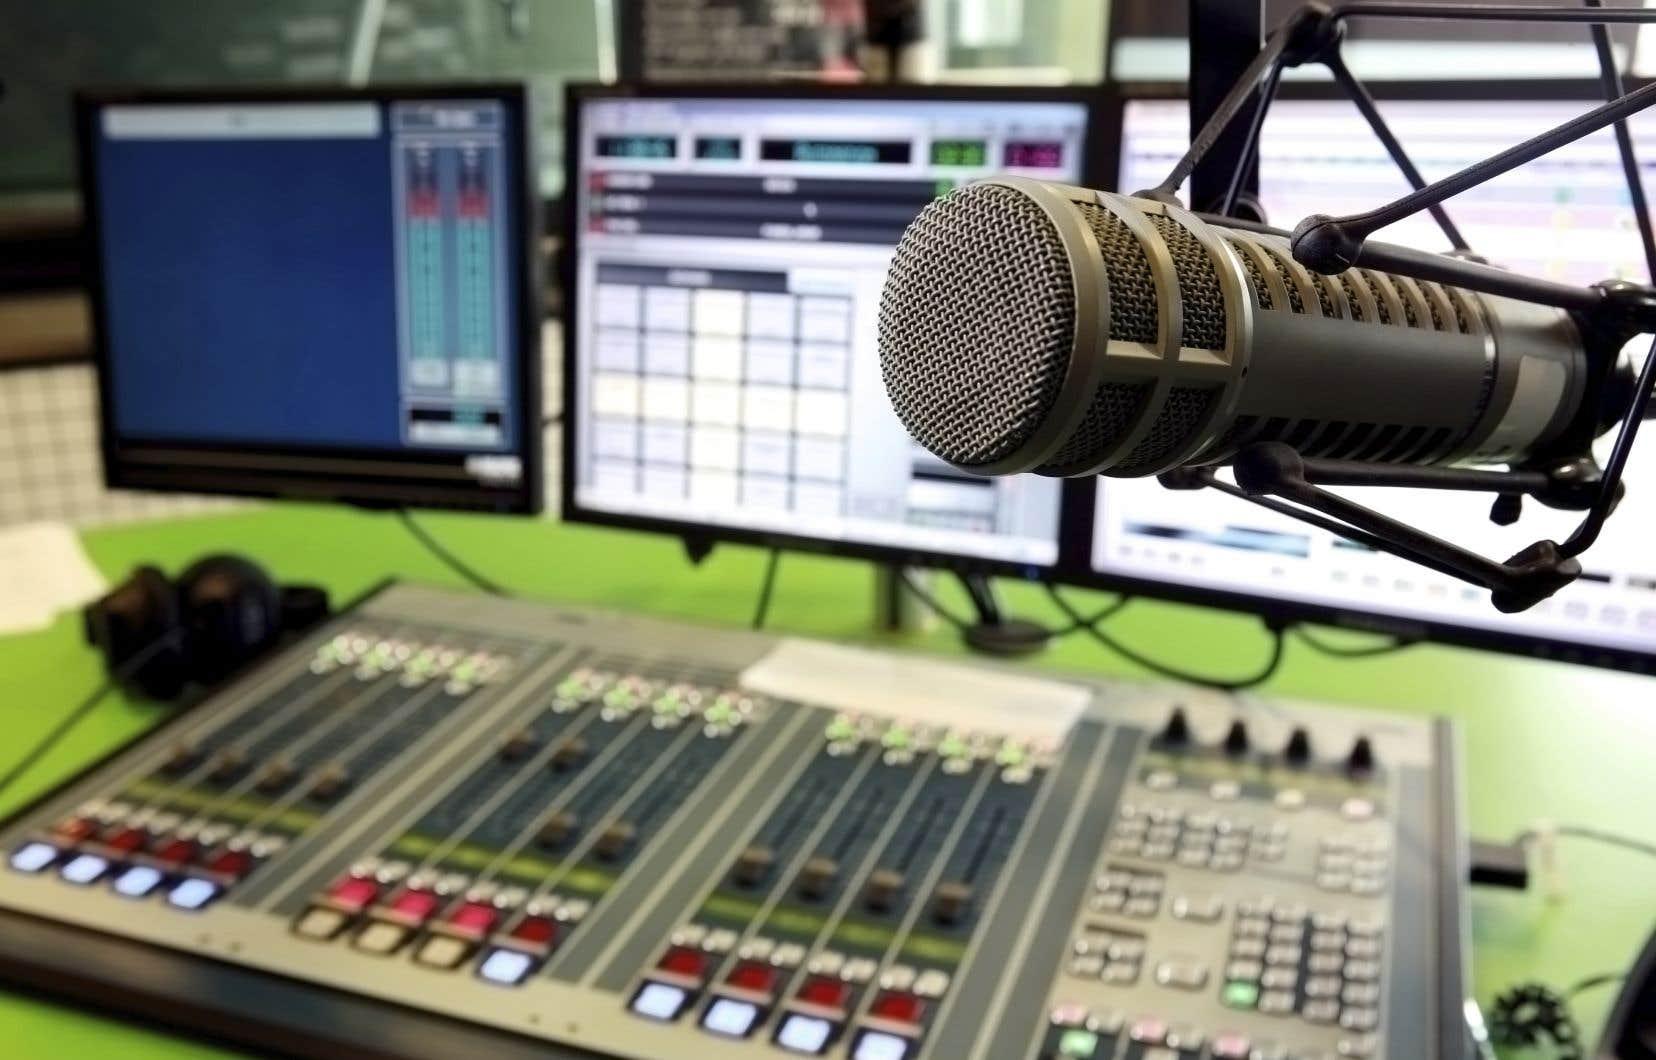 Les entreprises de diffusion les plus vulnérables sont les stations de la bande AM, les stations indépendantes et les stations de radio et de télévision privées dans les marchés de plus petite taille à travers le Canada.